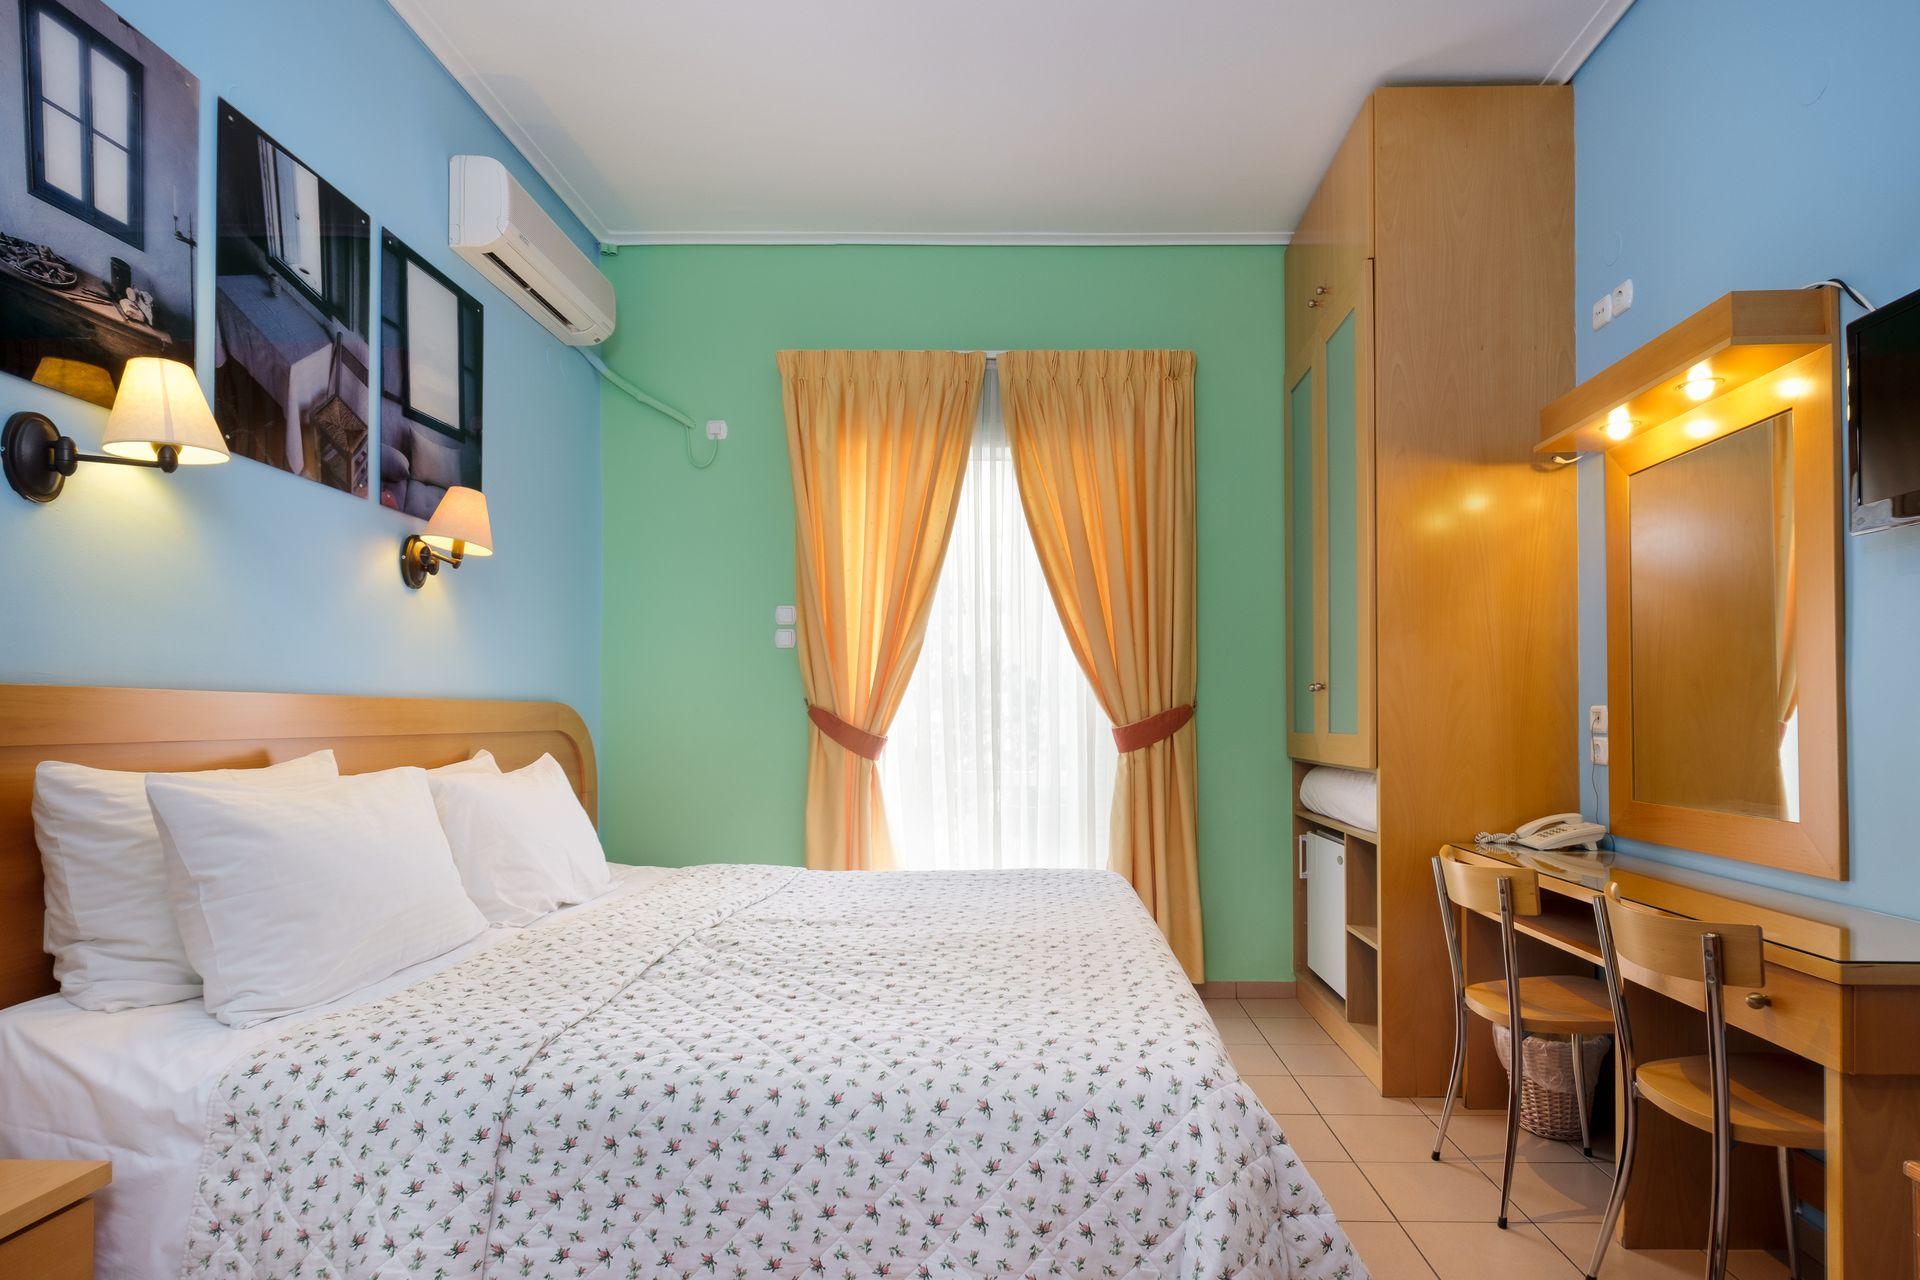 _25v_ 0517_2020_25_hotel segas-edit-edit_resized